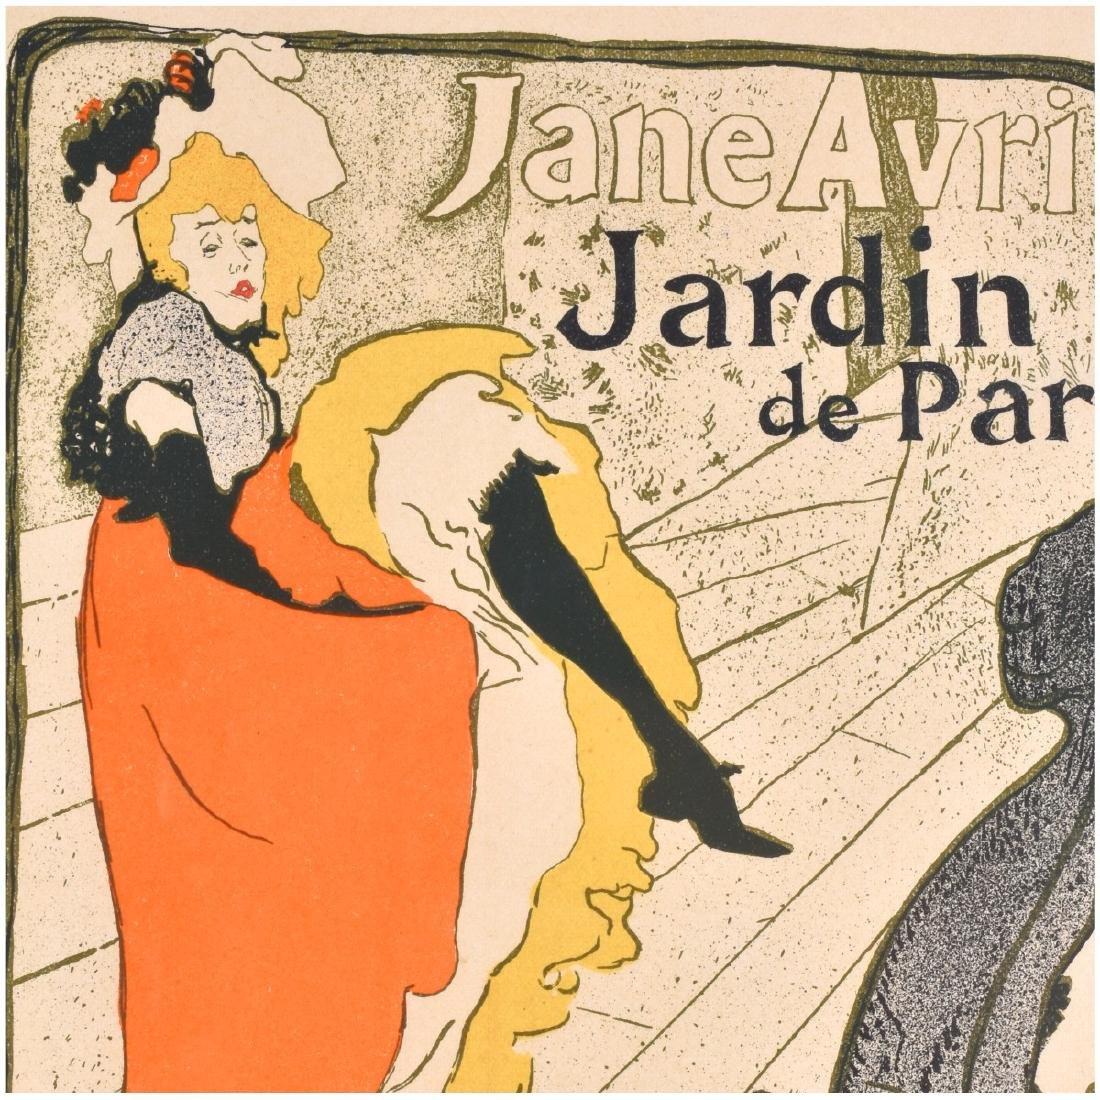 Toulouse-Lautrec (1864 - 1901) Lithograph - 5